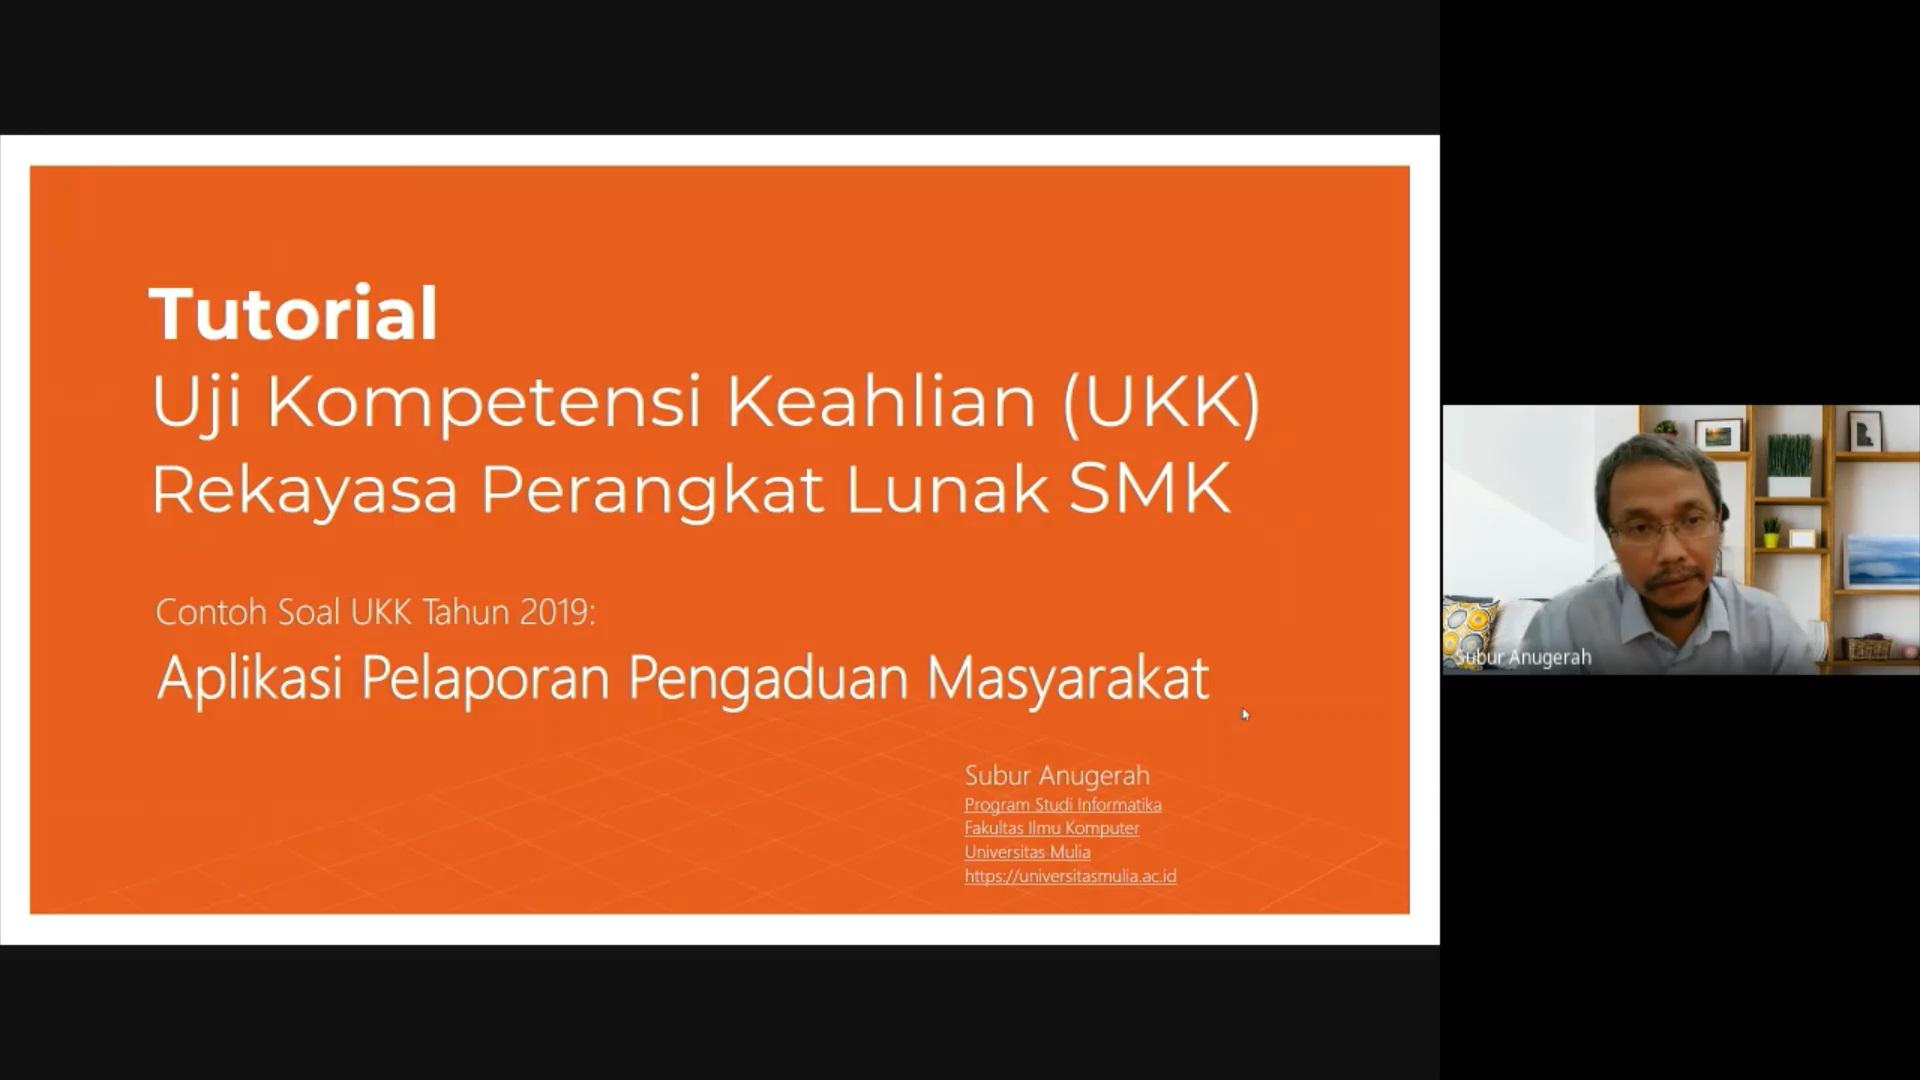 Video Tutorial UKK RPL SMK: Aplikasi Pelaporan Pengaduan Masyarakat